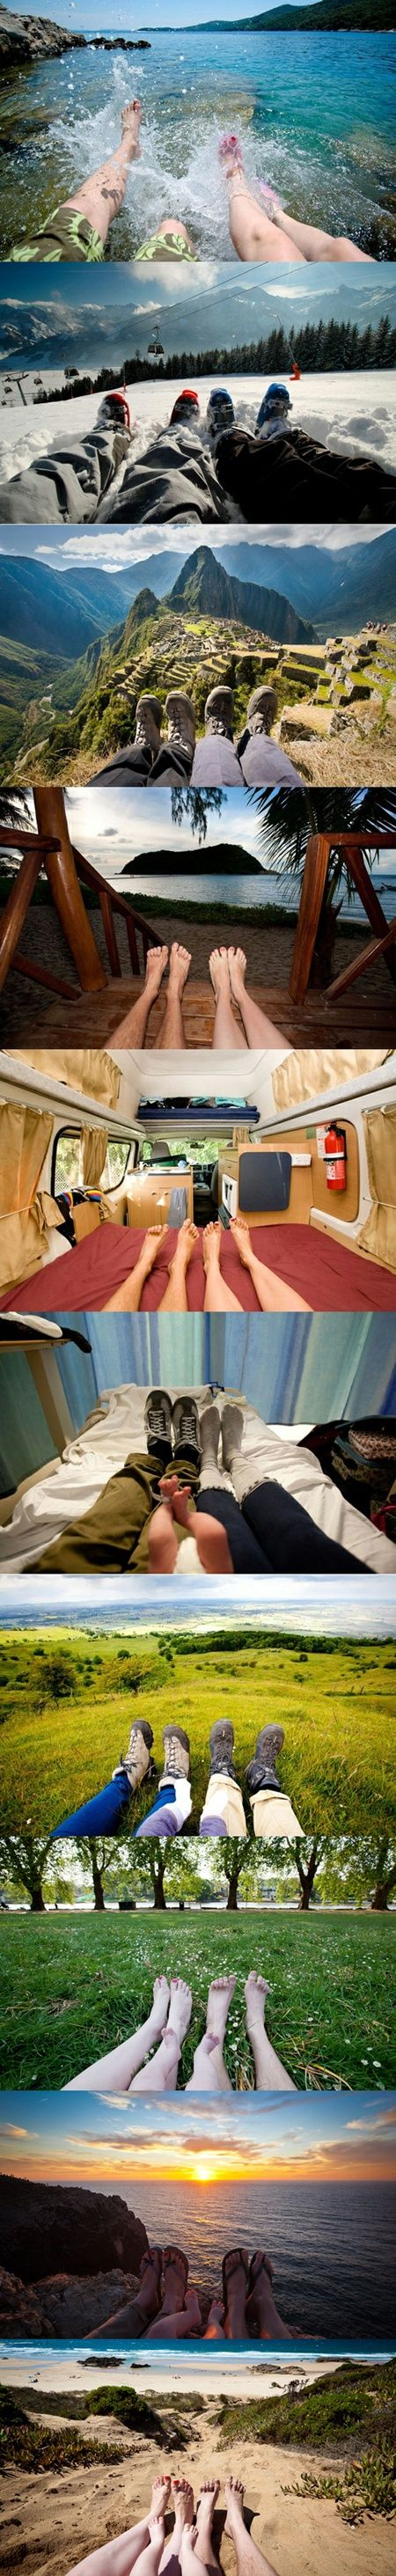 Viajes | DecoPeques.com